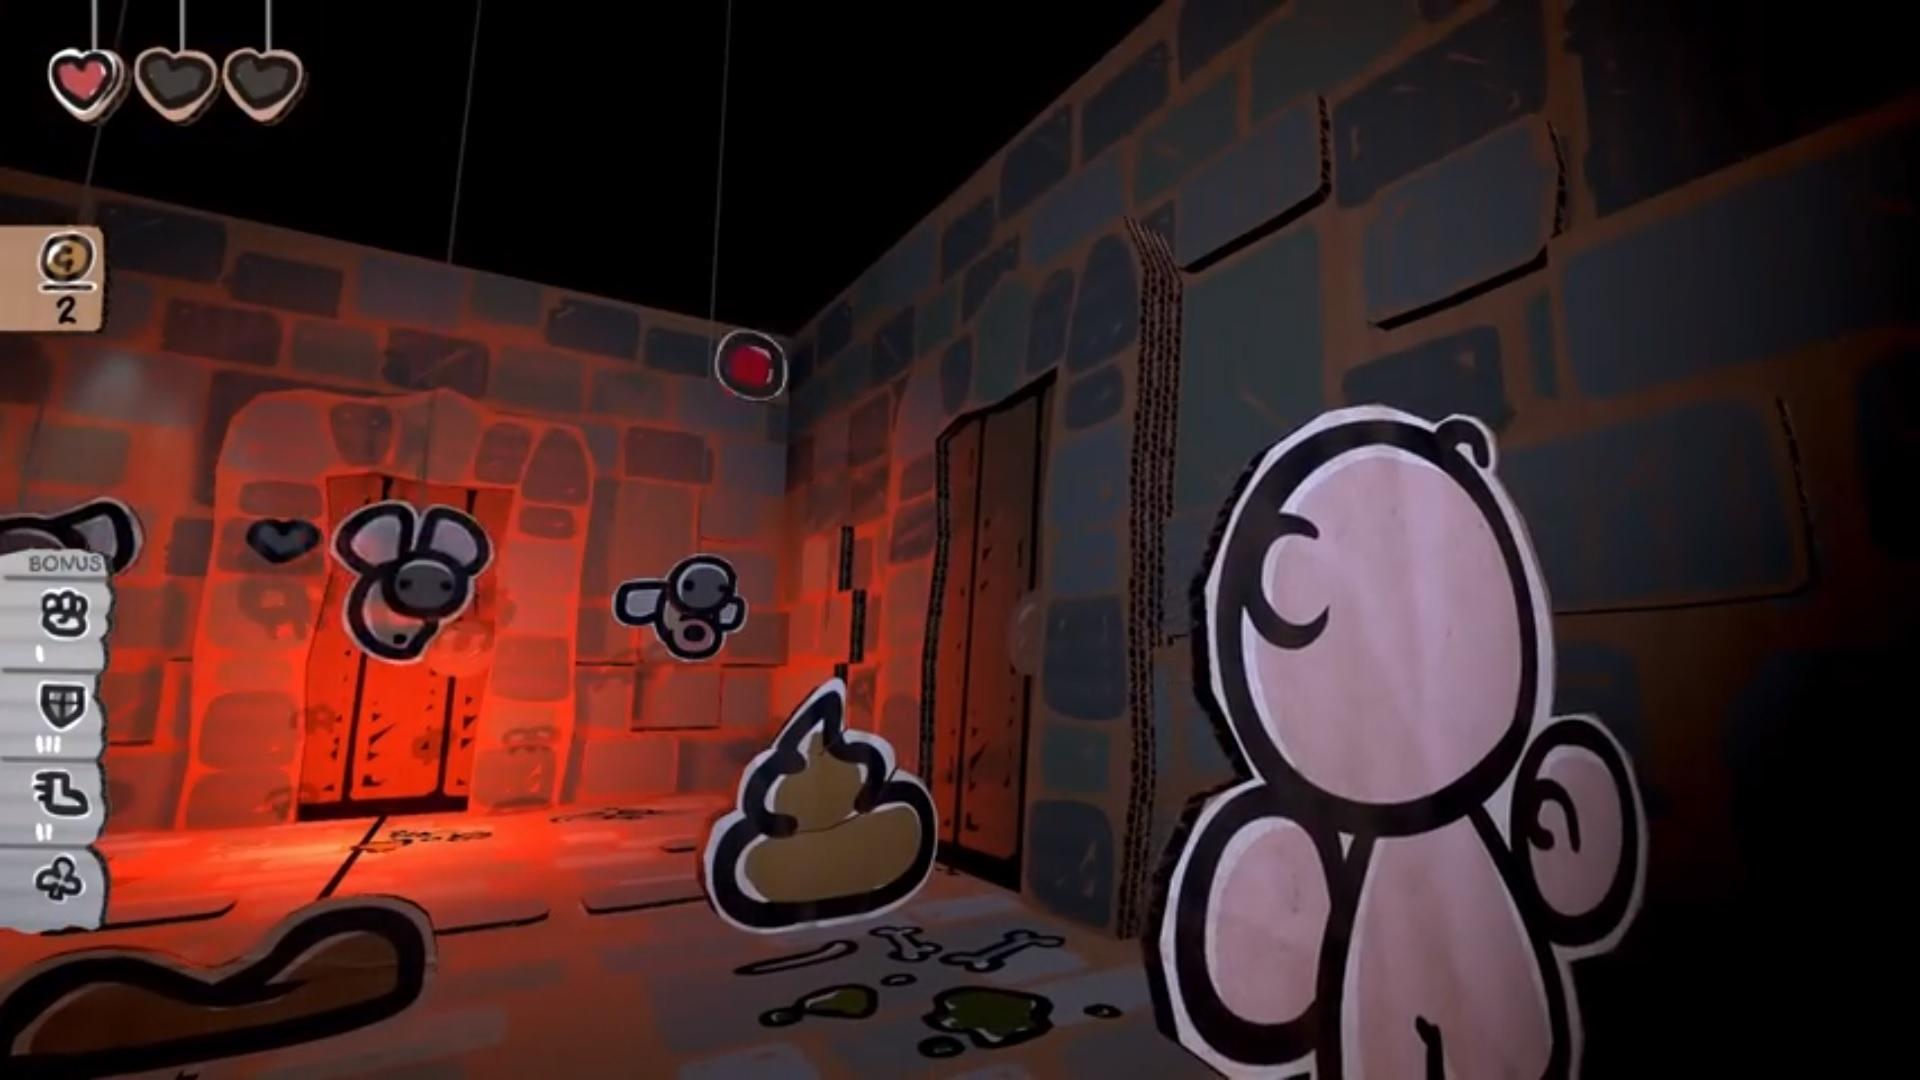 اولین تریلر از گیم پلی عنوان The Legend of Bum-bo منتشر شد